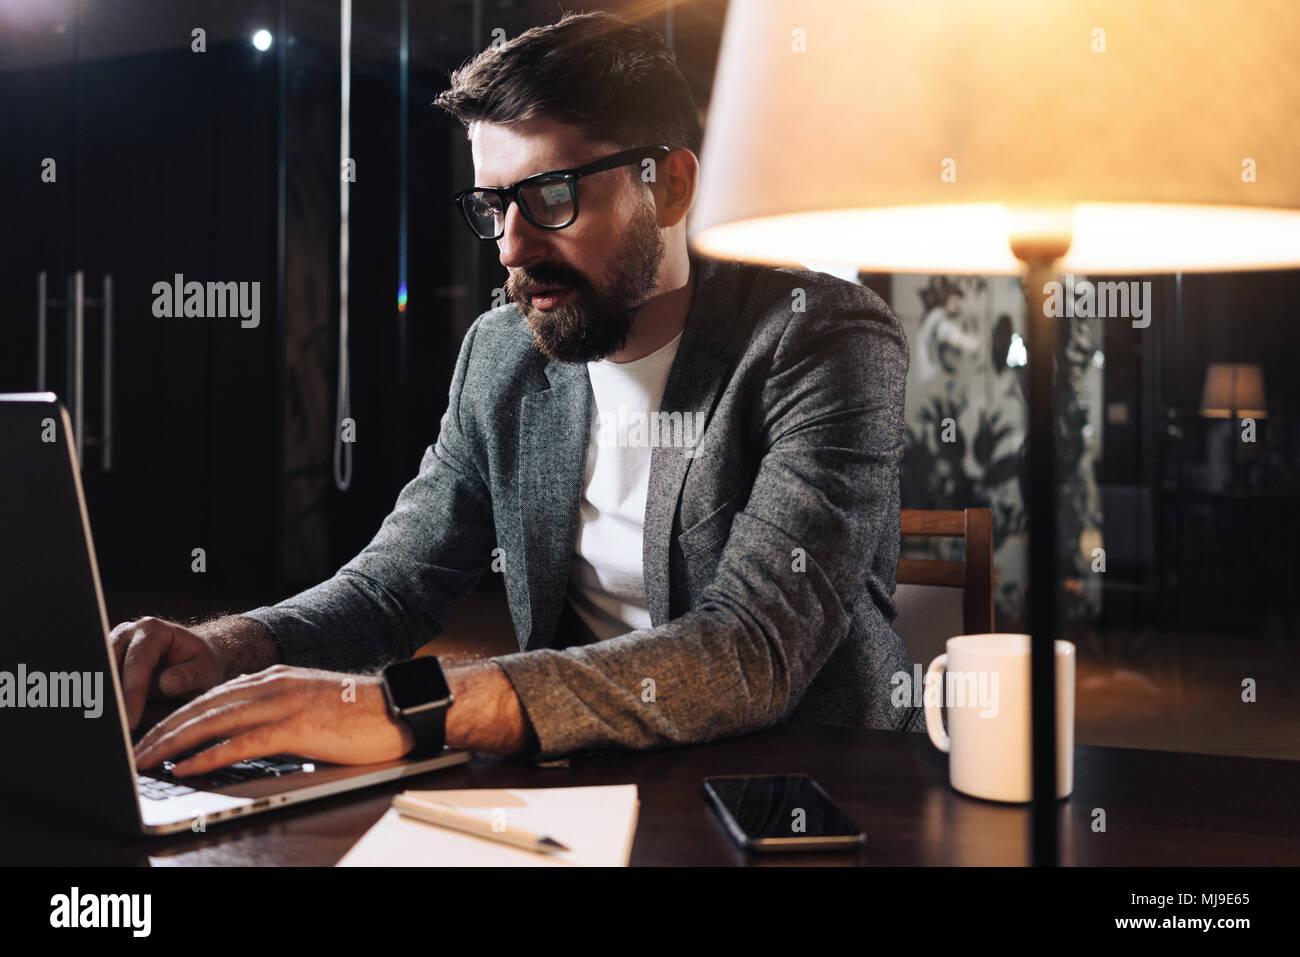 El hombre contemporáneo utilizando equipos portátiles. Empresario barbudo trabajando en la noche en la oficina loft moderno. Gerente de proyecto sentado en formato tablen madera con lámpara Imagen De Stock